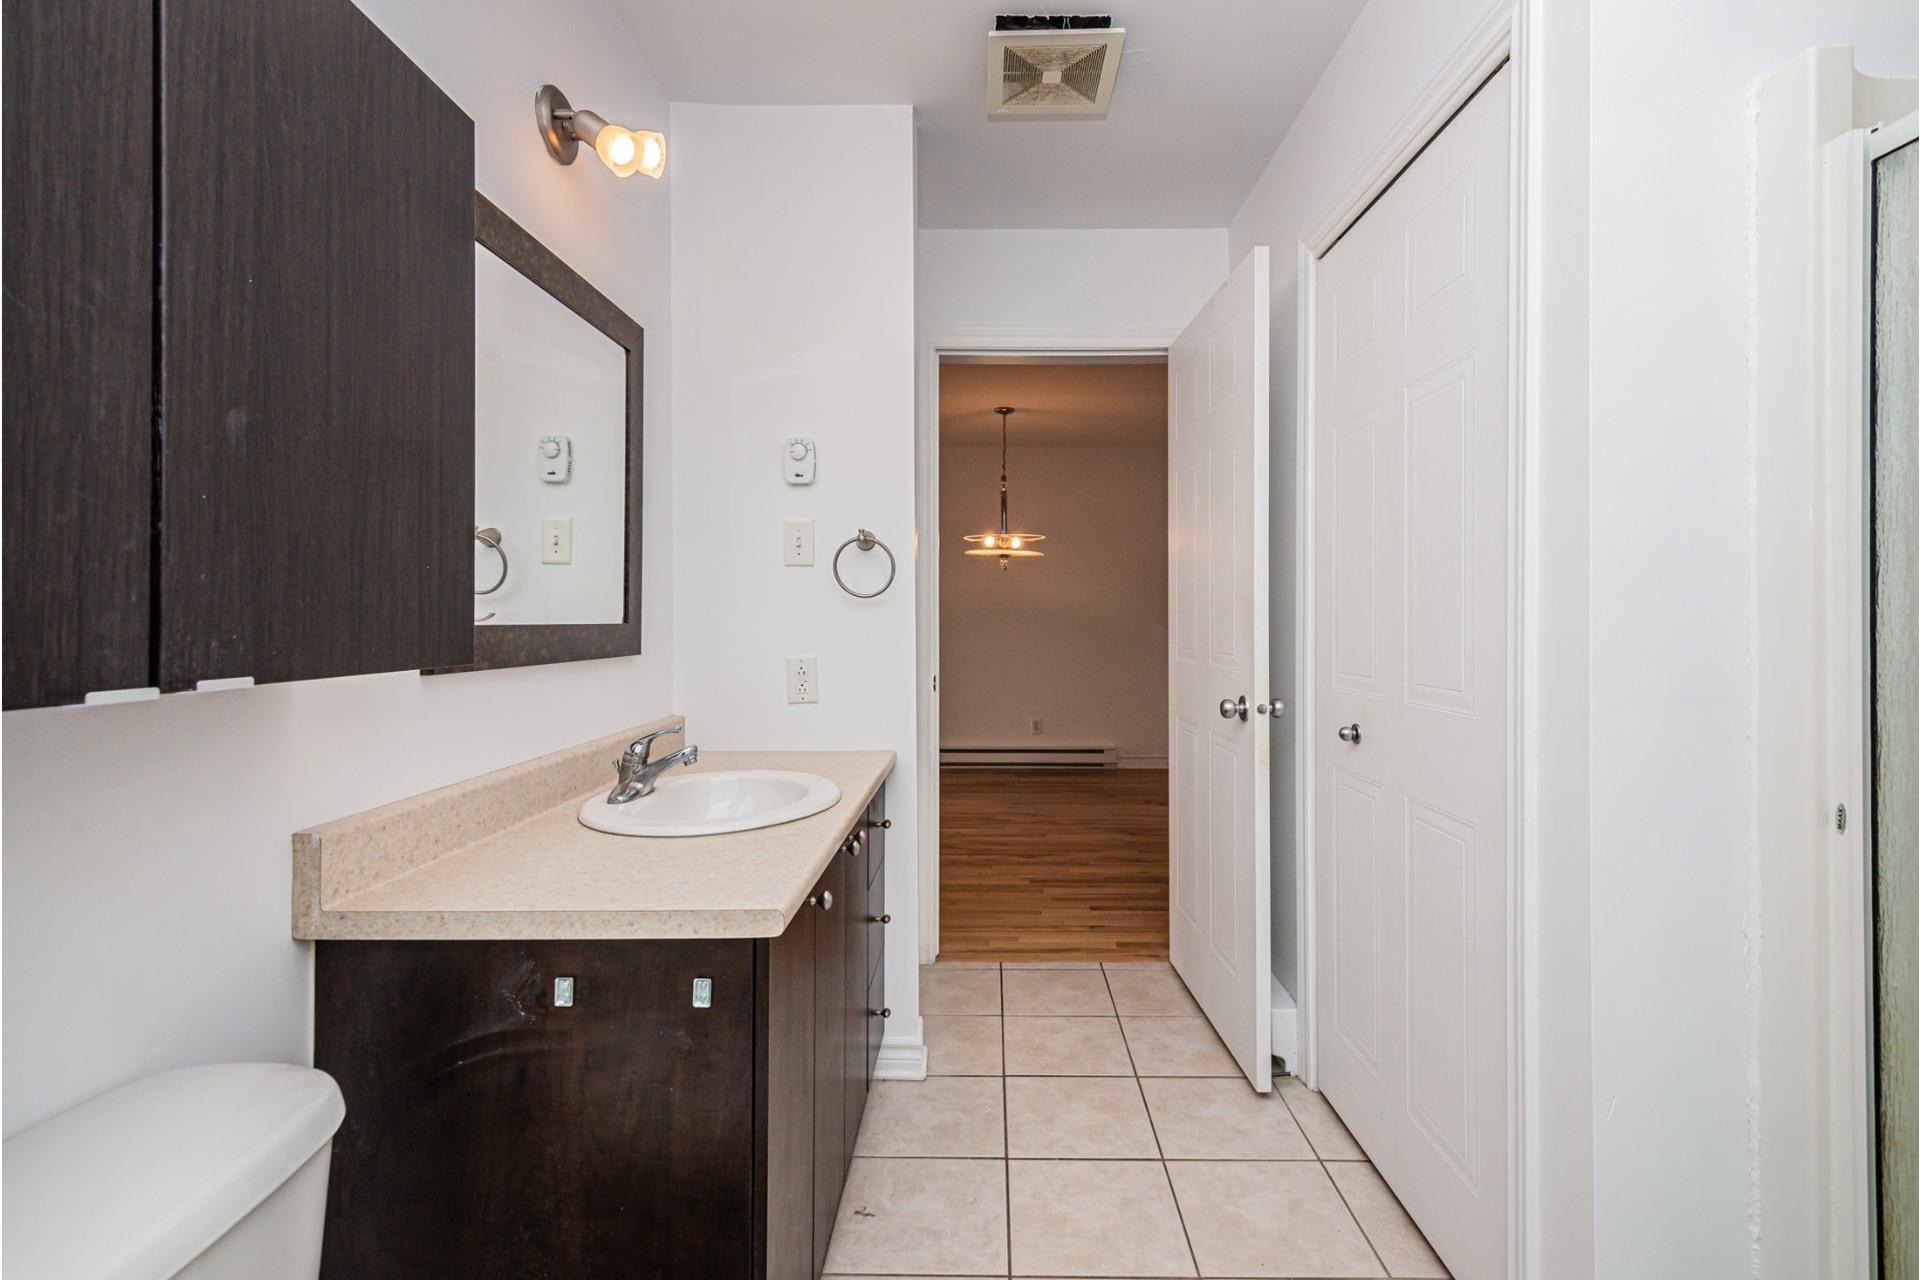 image 9 - Appartement À vendre Mercier/Hochelaga-Maisonneuve Montréal  - 4 pièces